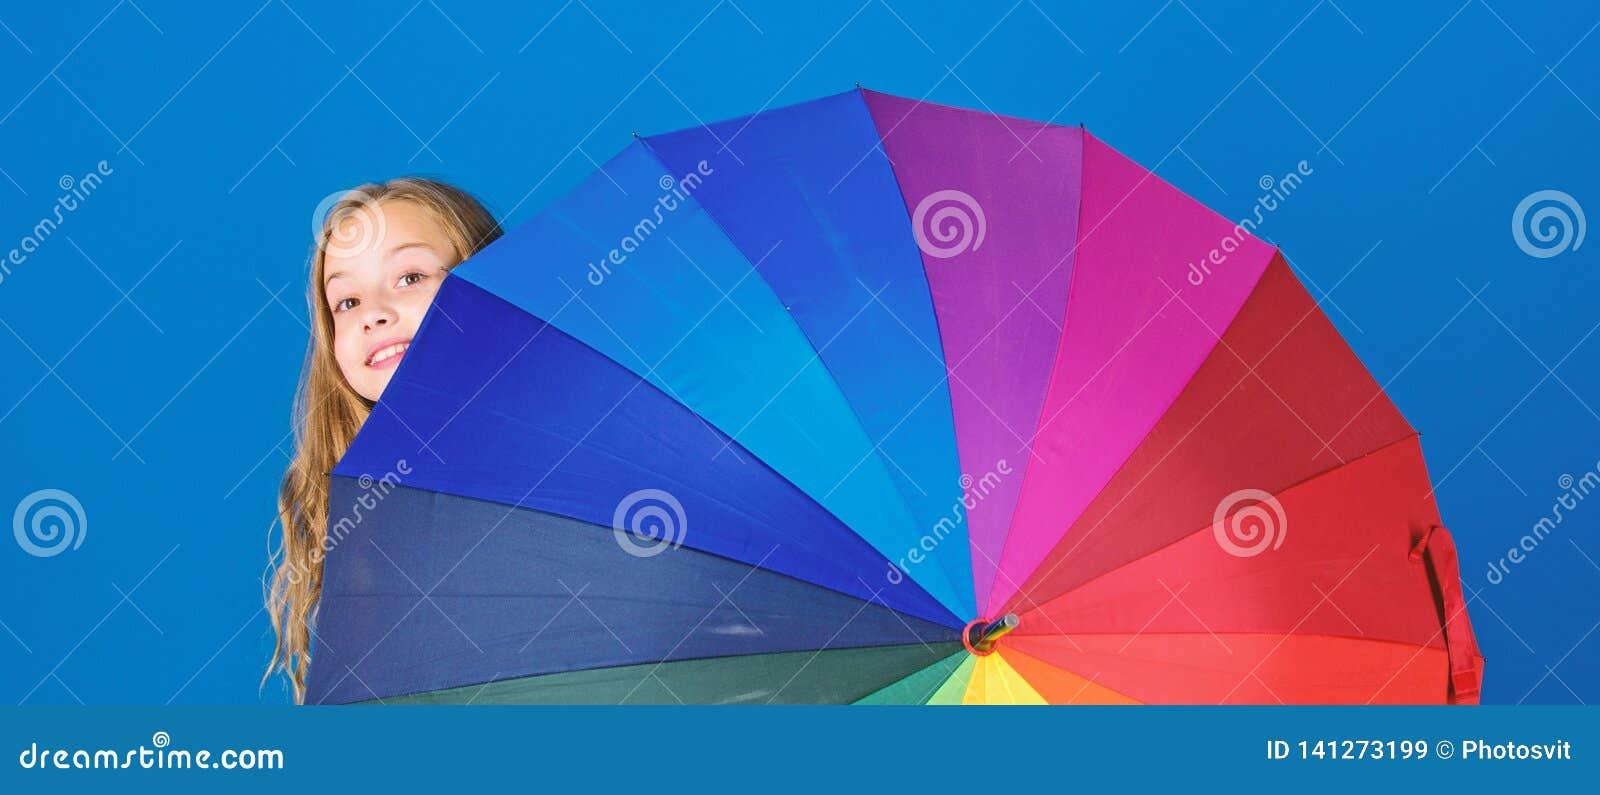 Accesorio colorido del paraguas Concepto de la previsión metereológica Día lluvioso positivo de la estancia sin embargo Aclare en